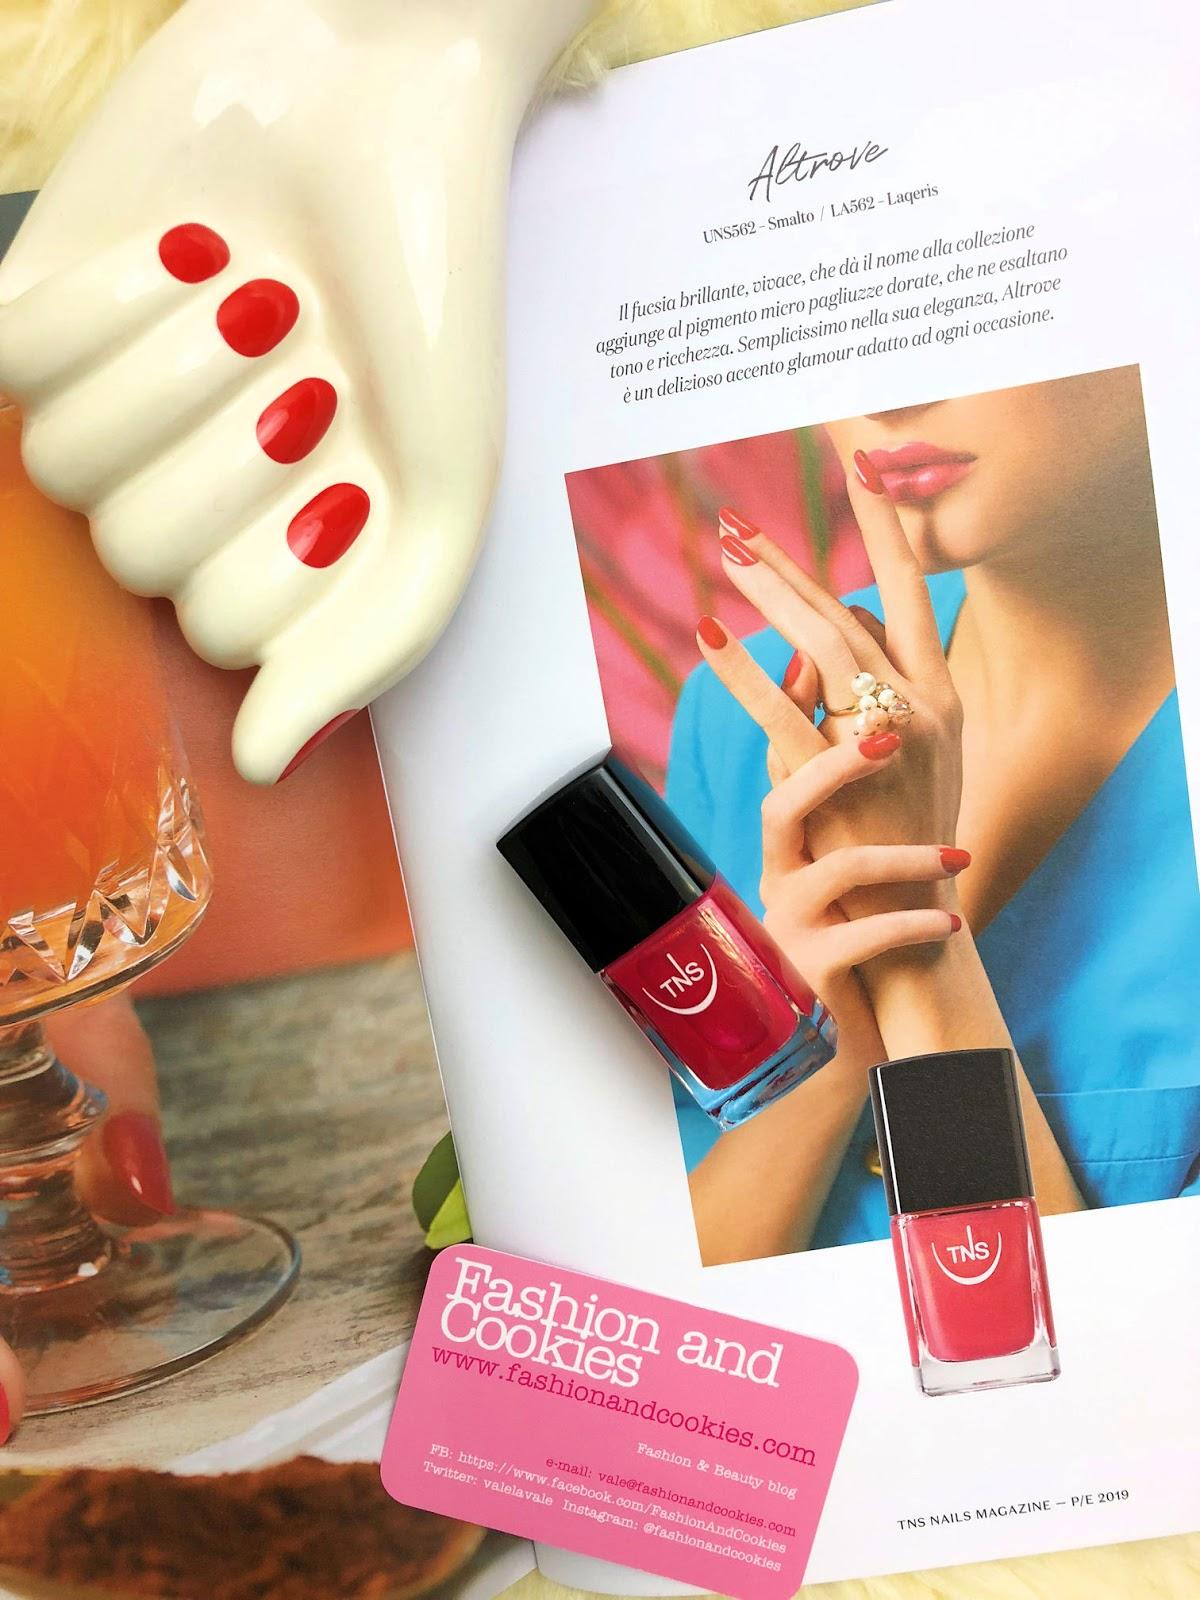 TNS Firenze presenta Altrove: capsule collection smalti Primavera-Estate su Fashion and Cookies beauty blog